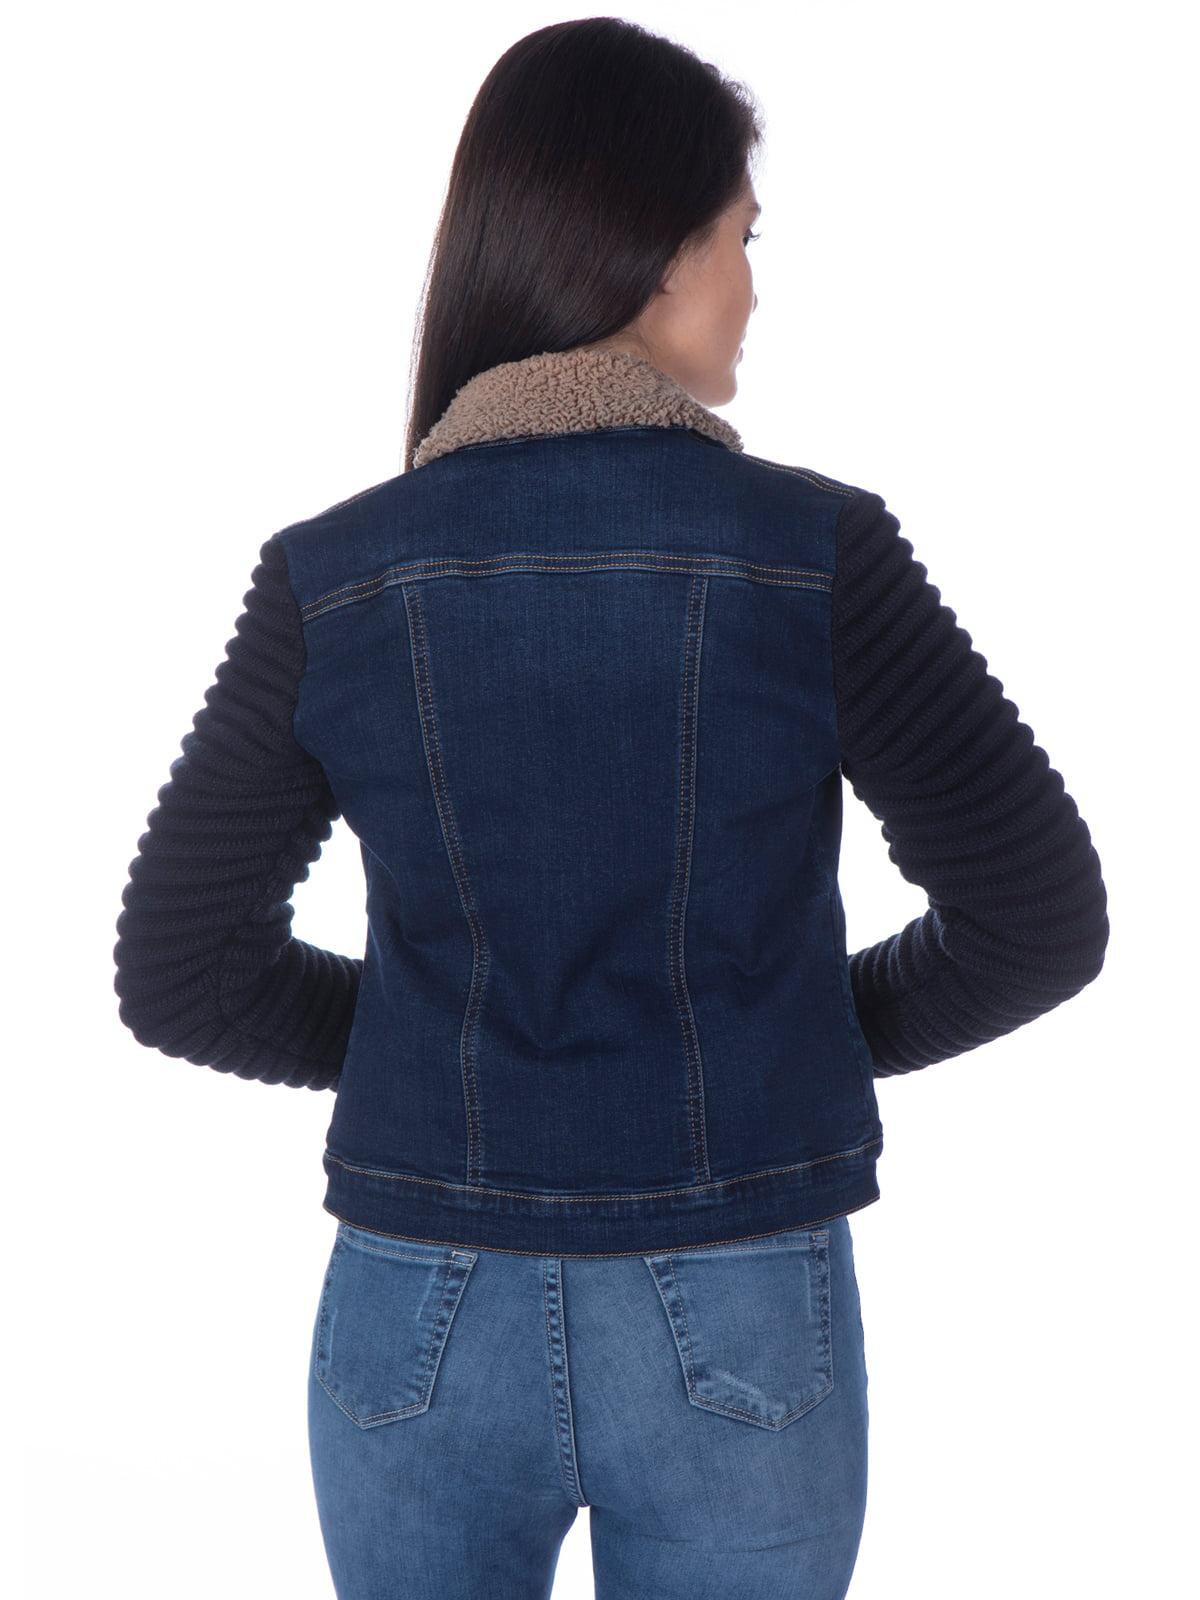 Куртка синяя джинсовая | 4138777 | фото 2